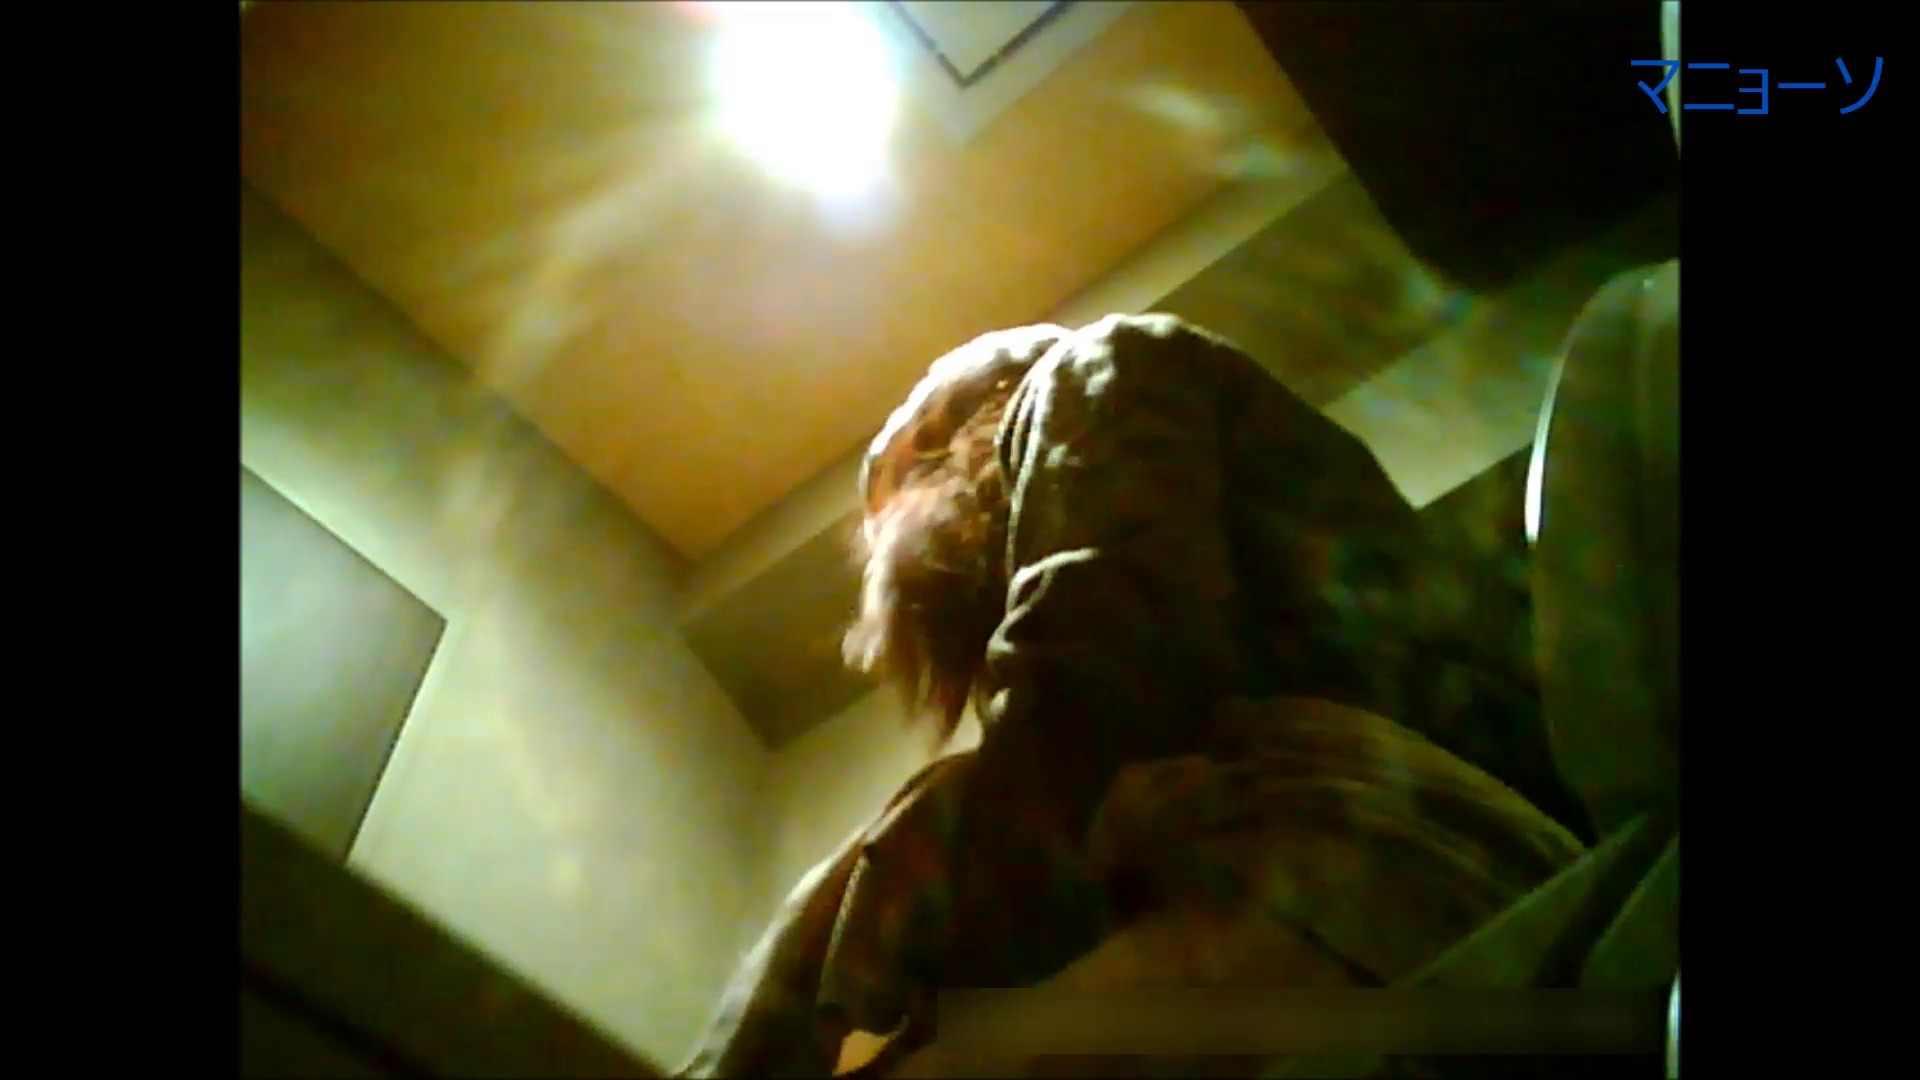 トイレでひと肌脱いでもらいました (JD編)Vol.01 トイレ盗撮  97枚 64